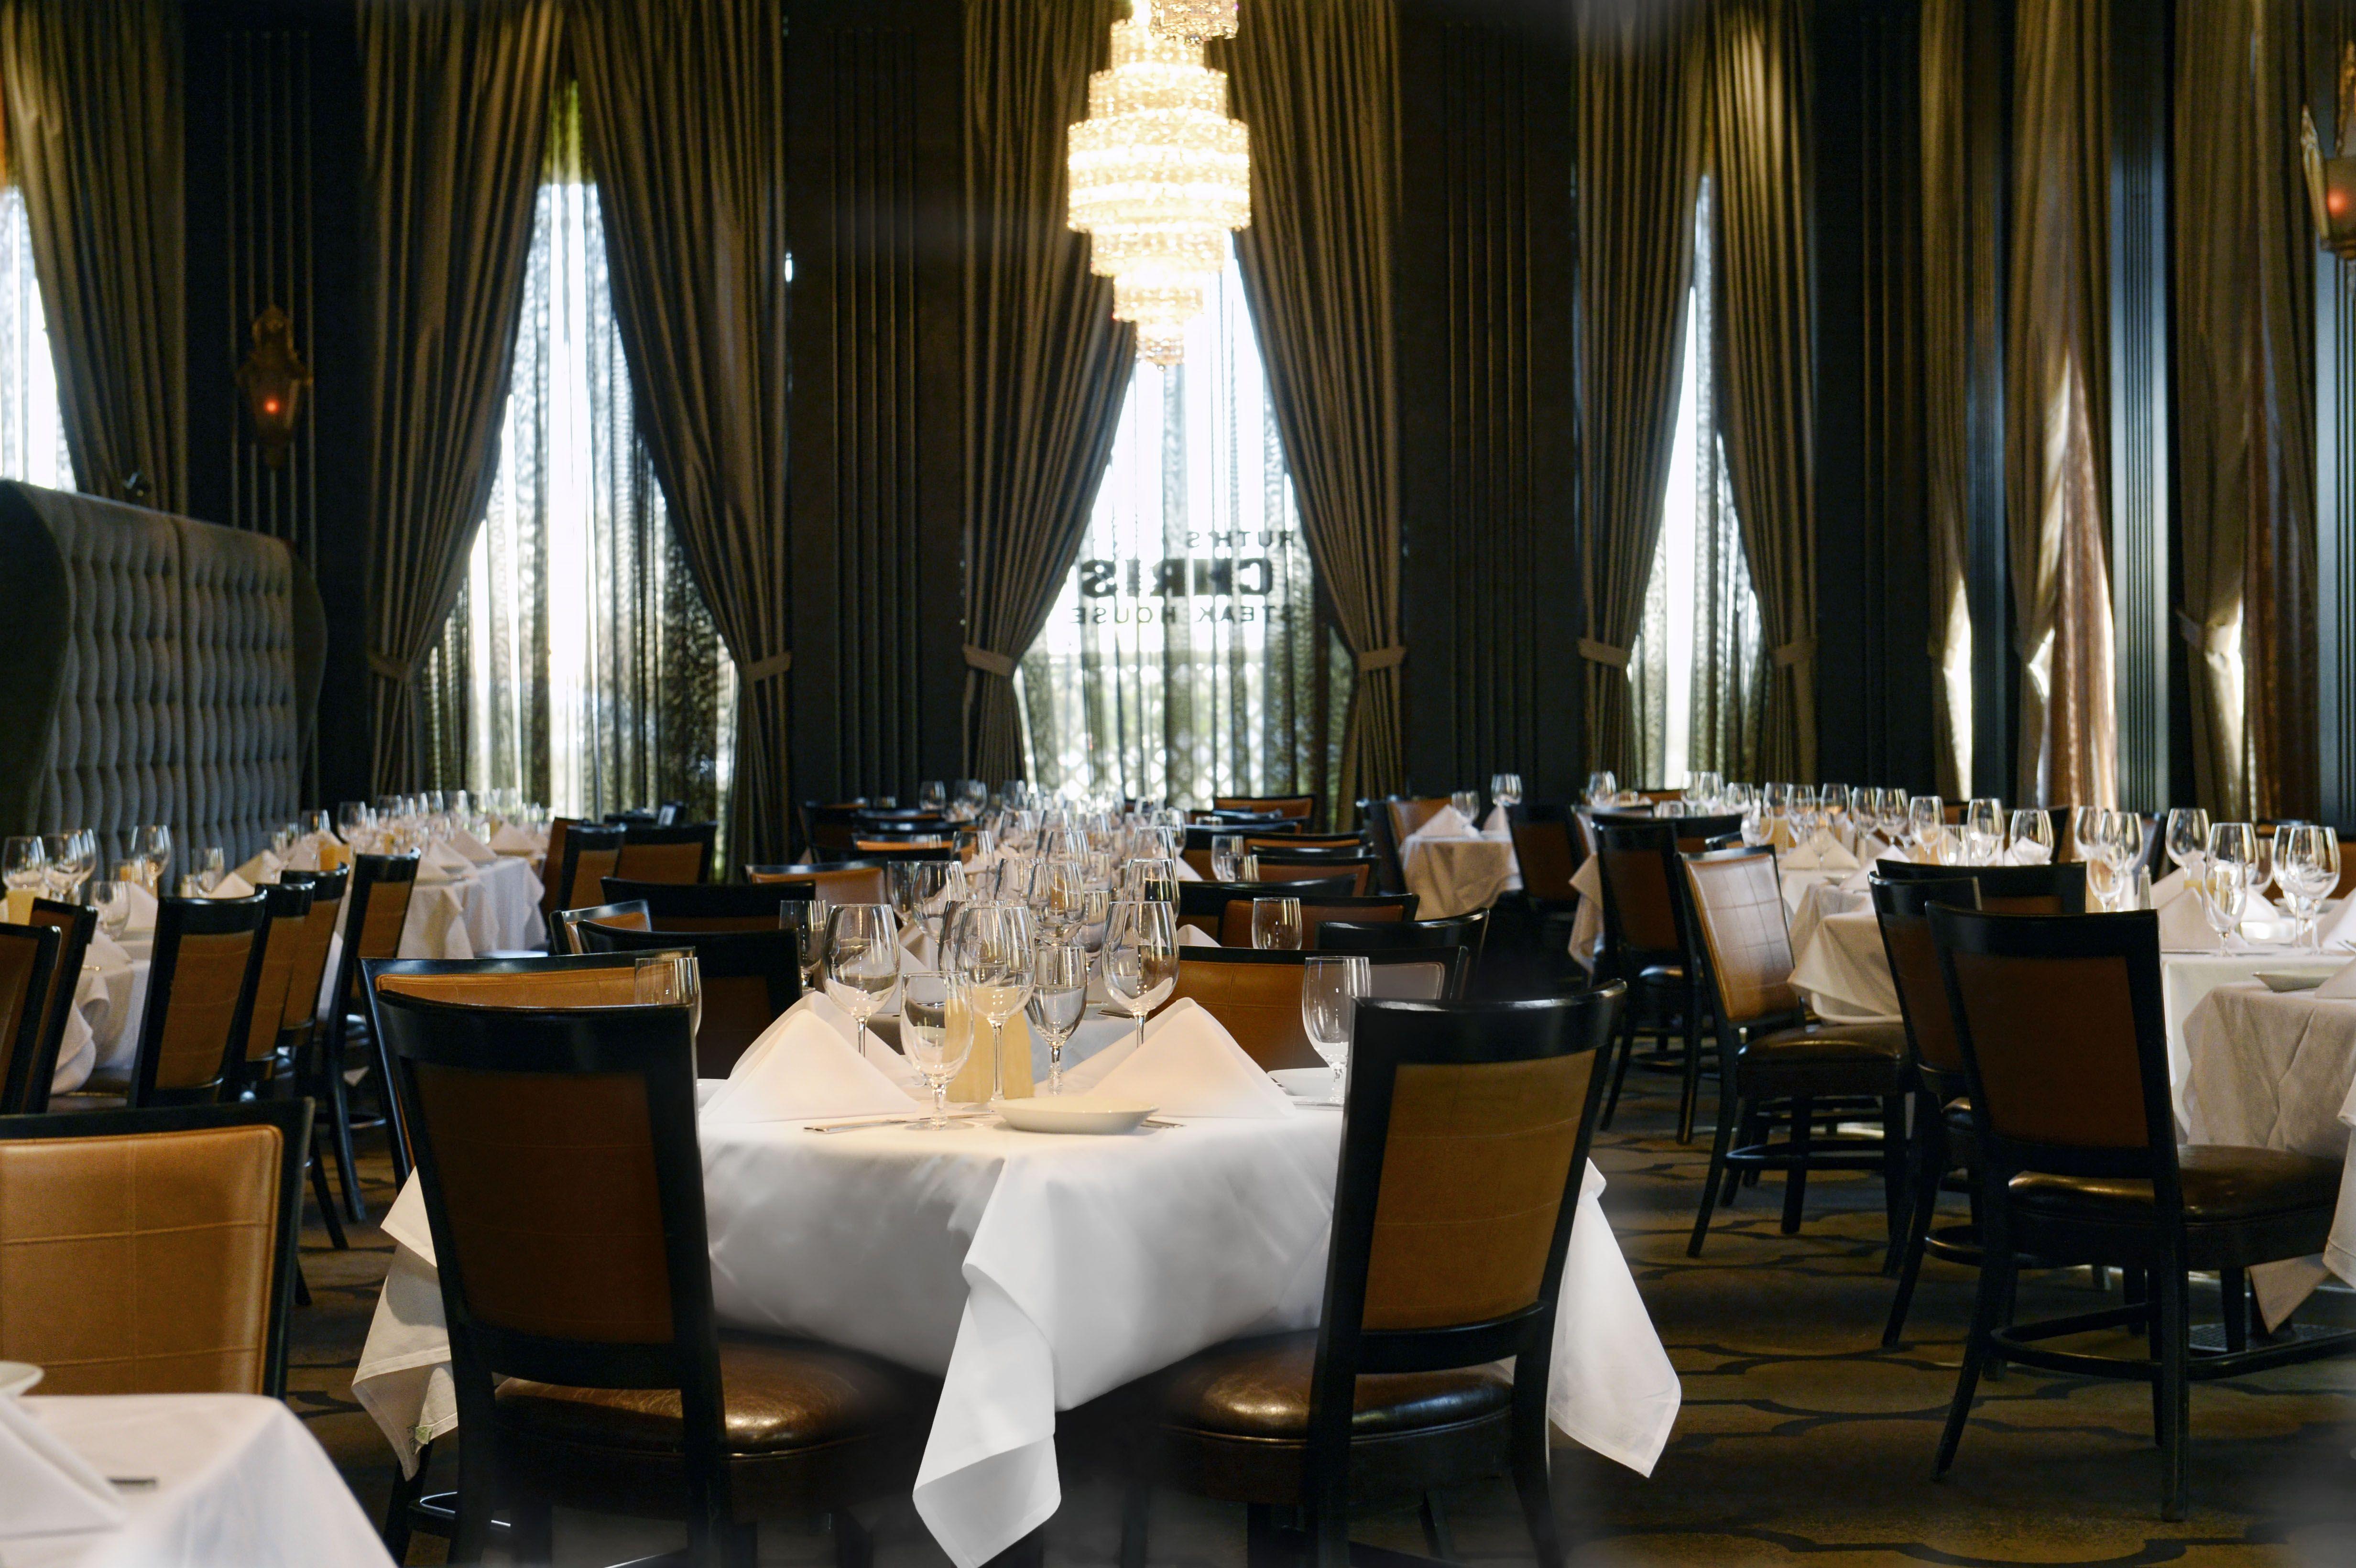 Prime Steak House and Restaurant in Garden City, Long